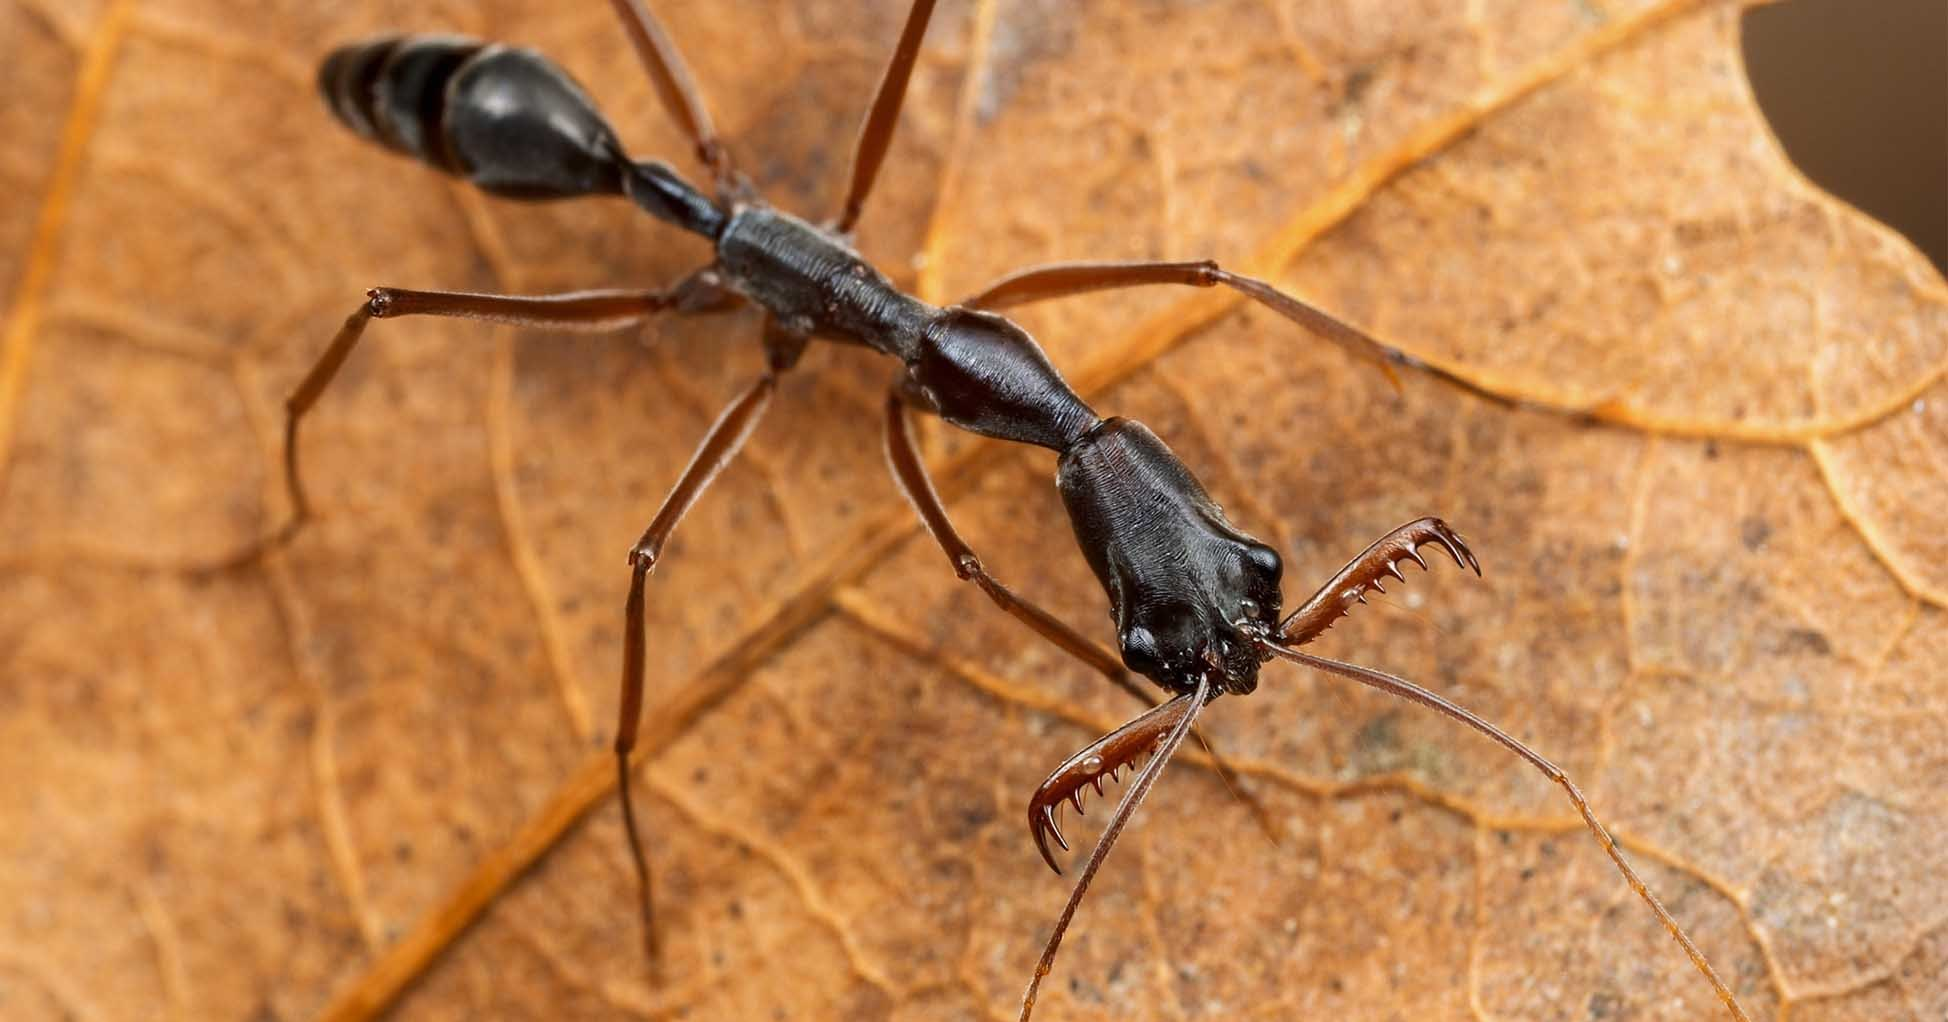 Ядовитые капканы из вражеских голов: как воюют самые жестокие муравьи